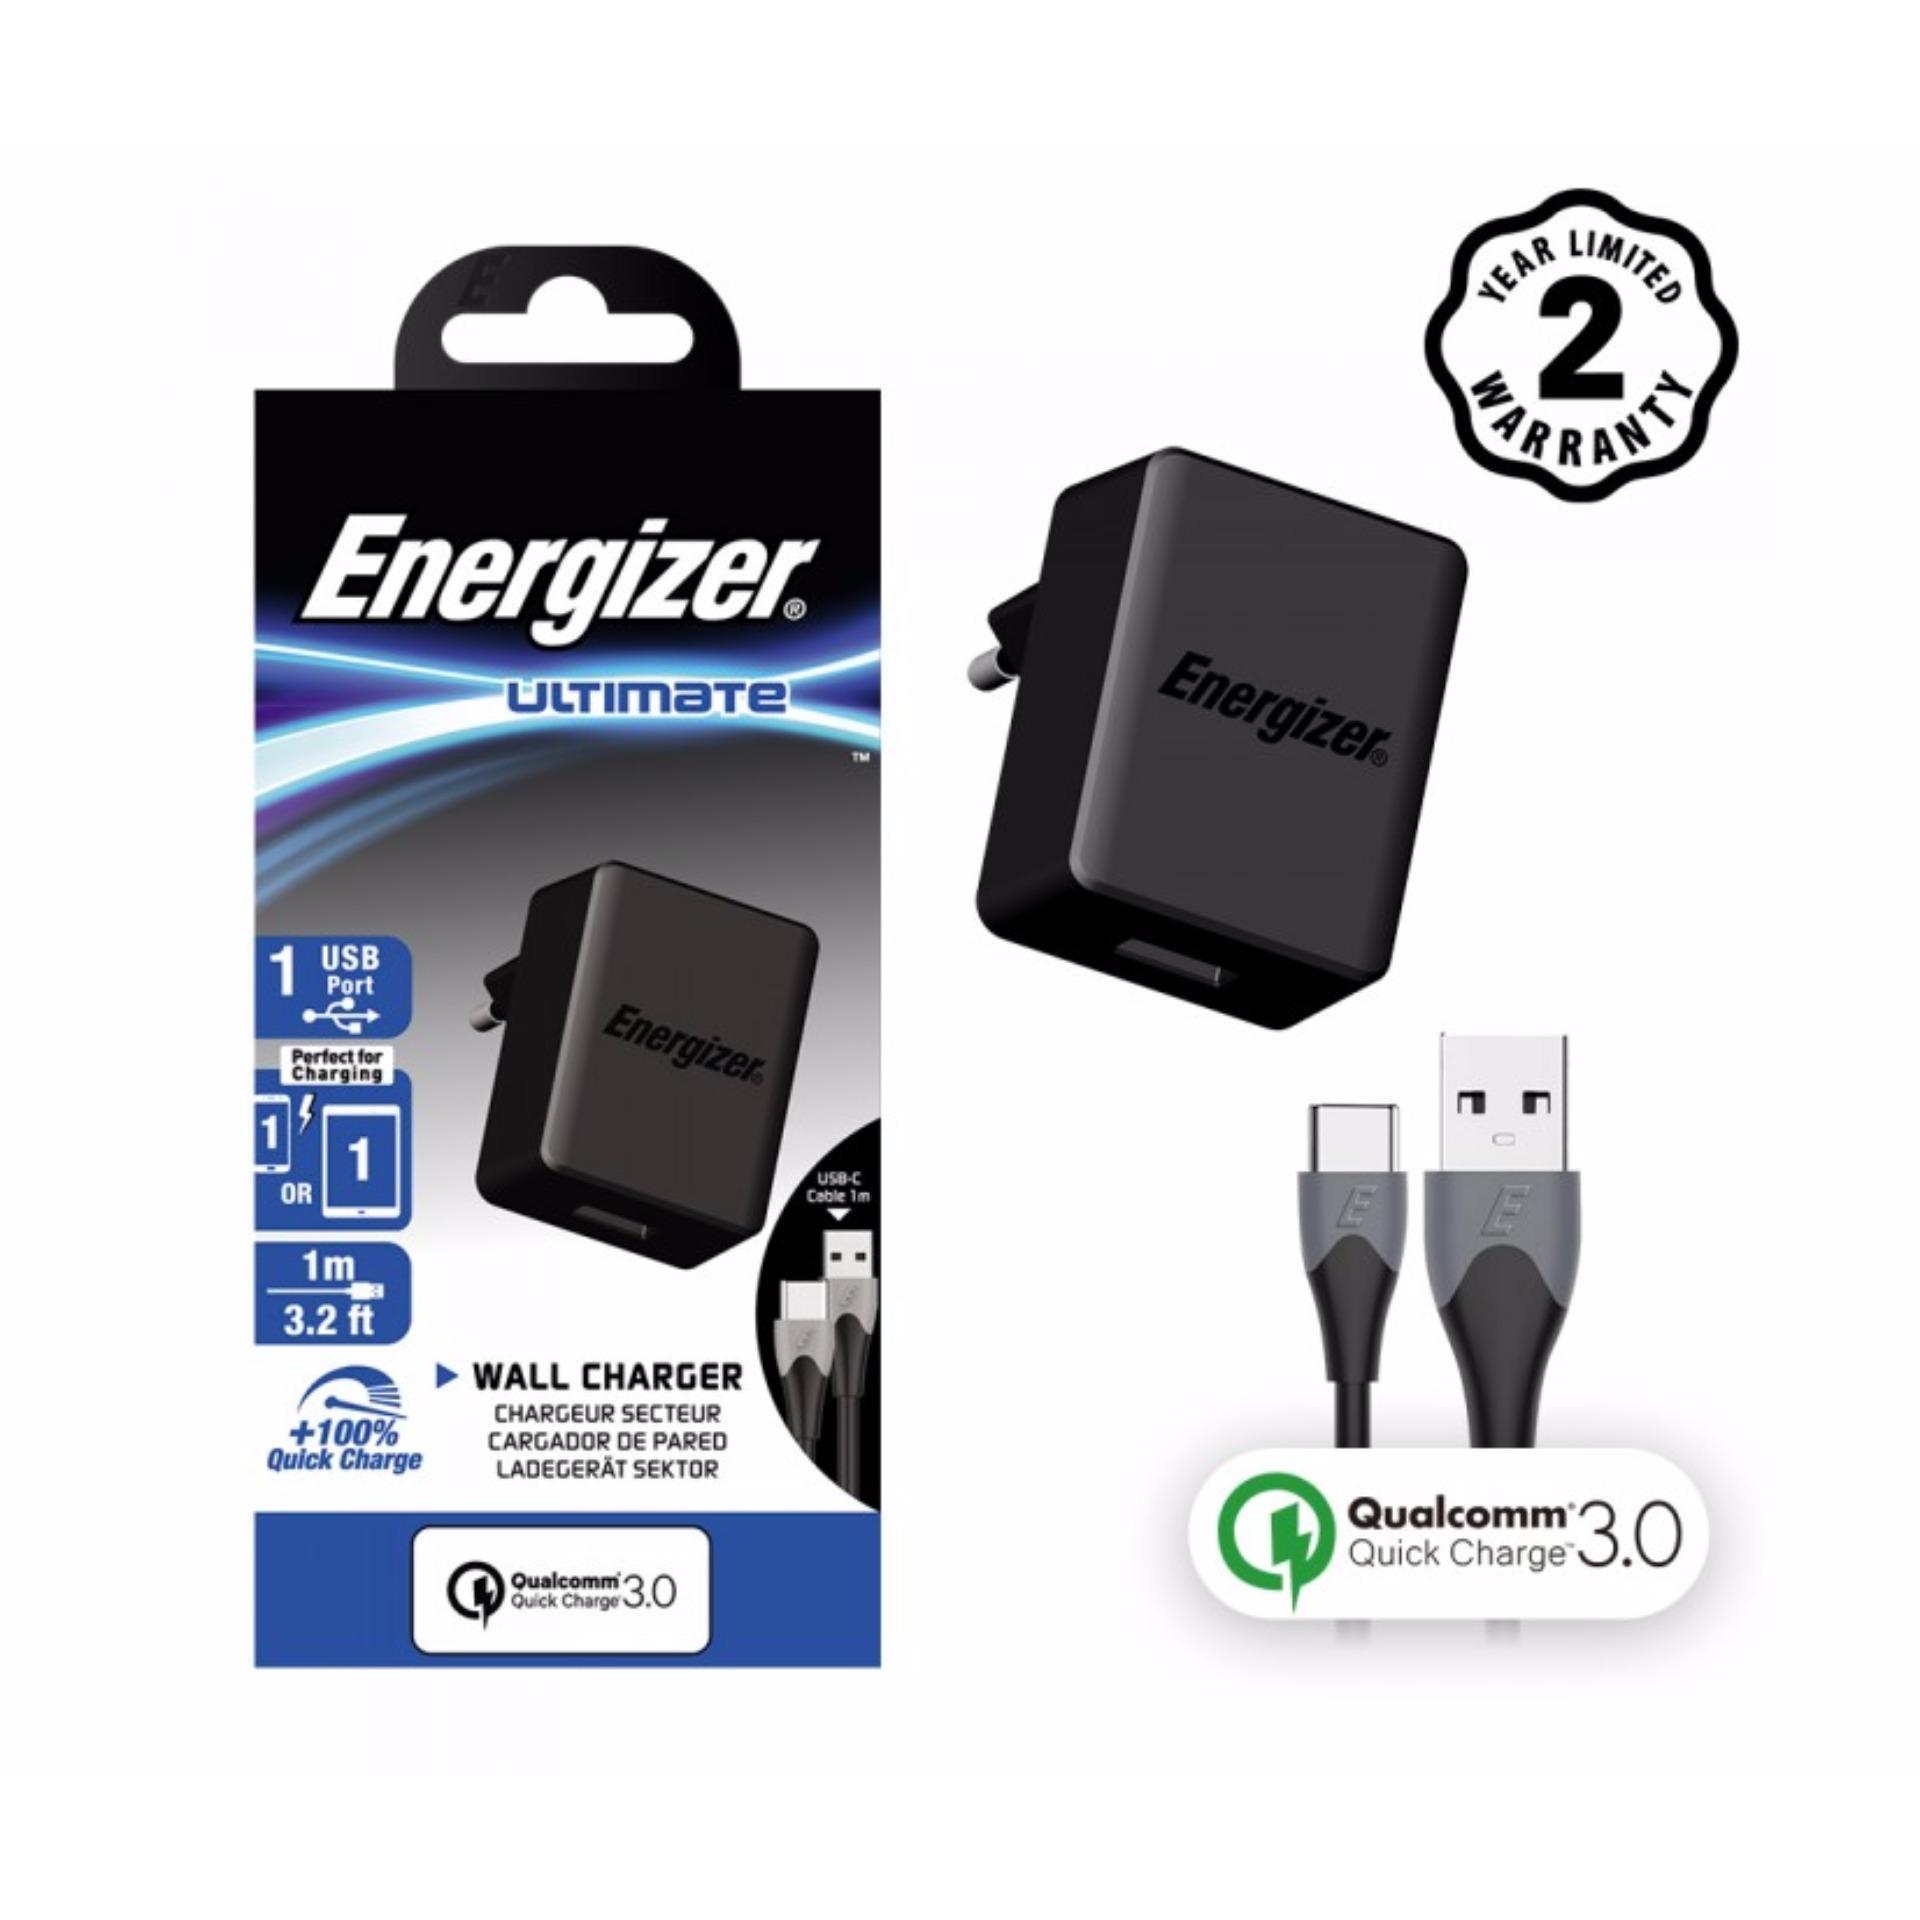 Cửa Hàng Sạc Energizer 1 Cổng Quick Charge Qc 3 18W Kem Cap Usb Type C Ac1Q3Euuc23 Hang Phan Phối Chinh Thức Trực Tuyến